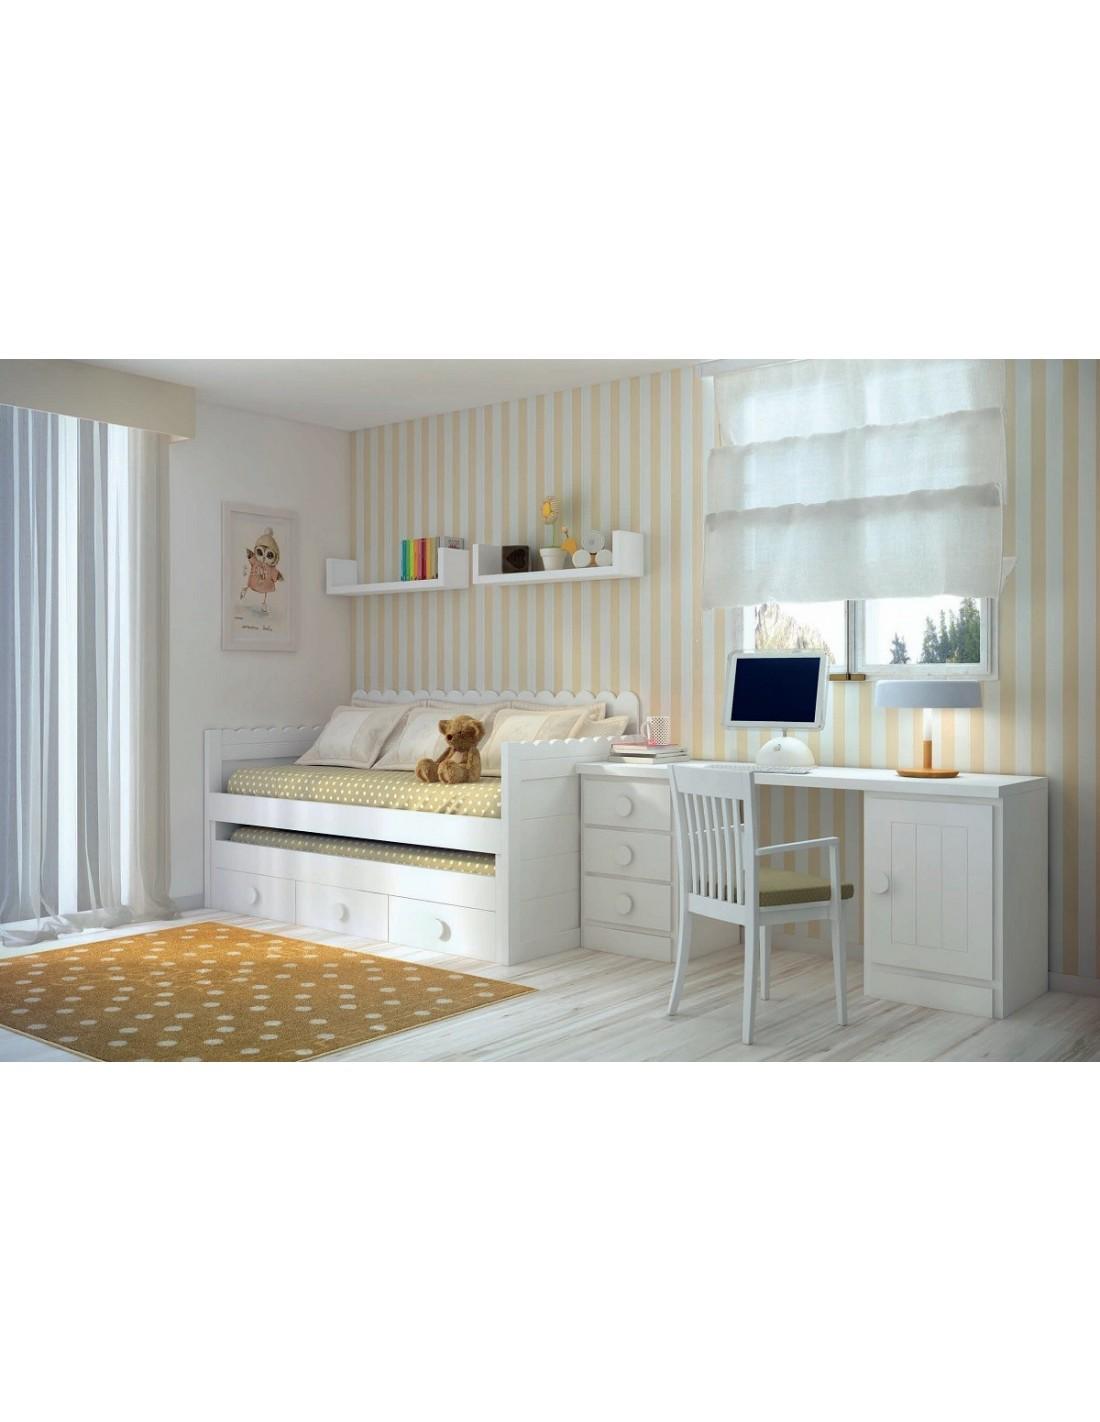 Comprar dormitorio juvenil tienda muebles online madrid for Dormitorios infantiles y juveniles